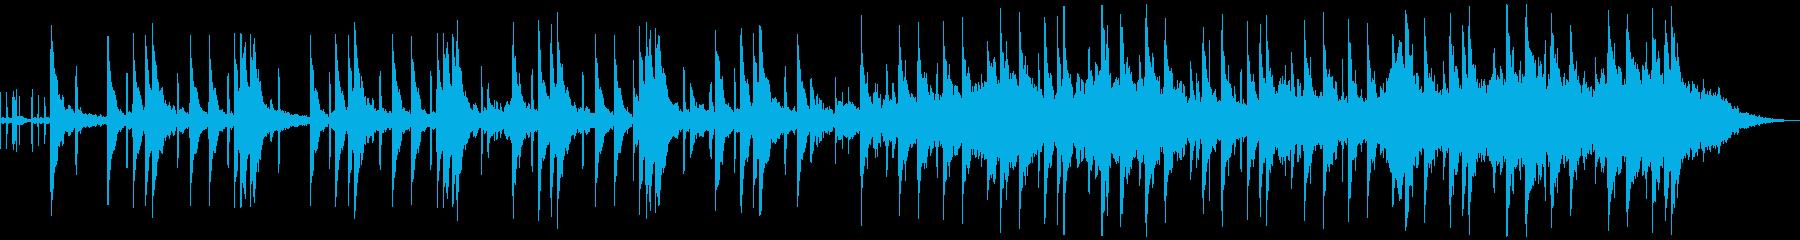 映画的なトラップビートの再生済みの波形